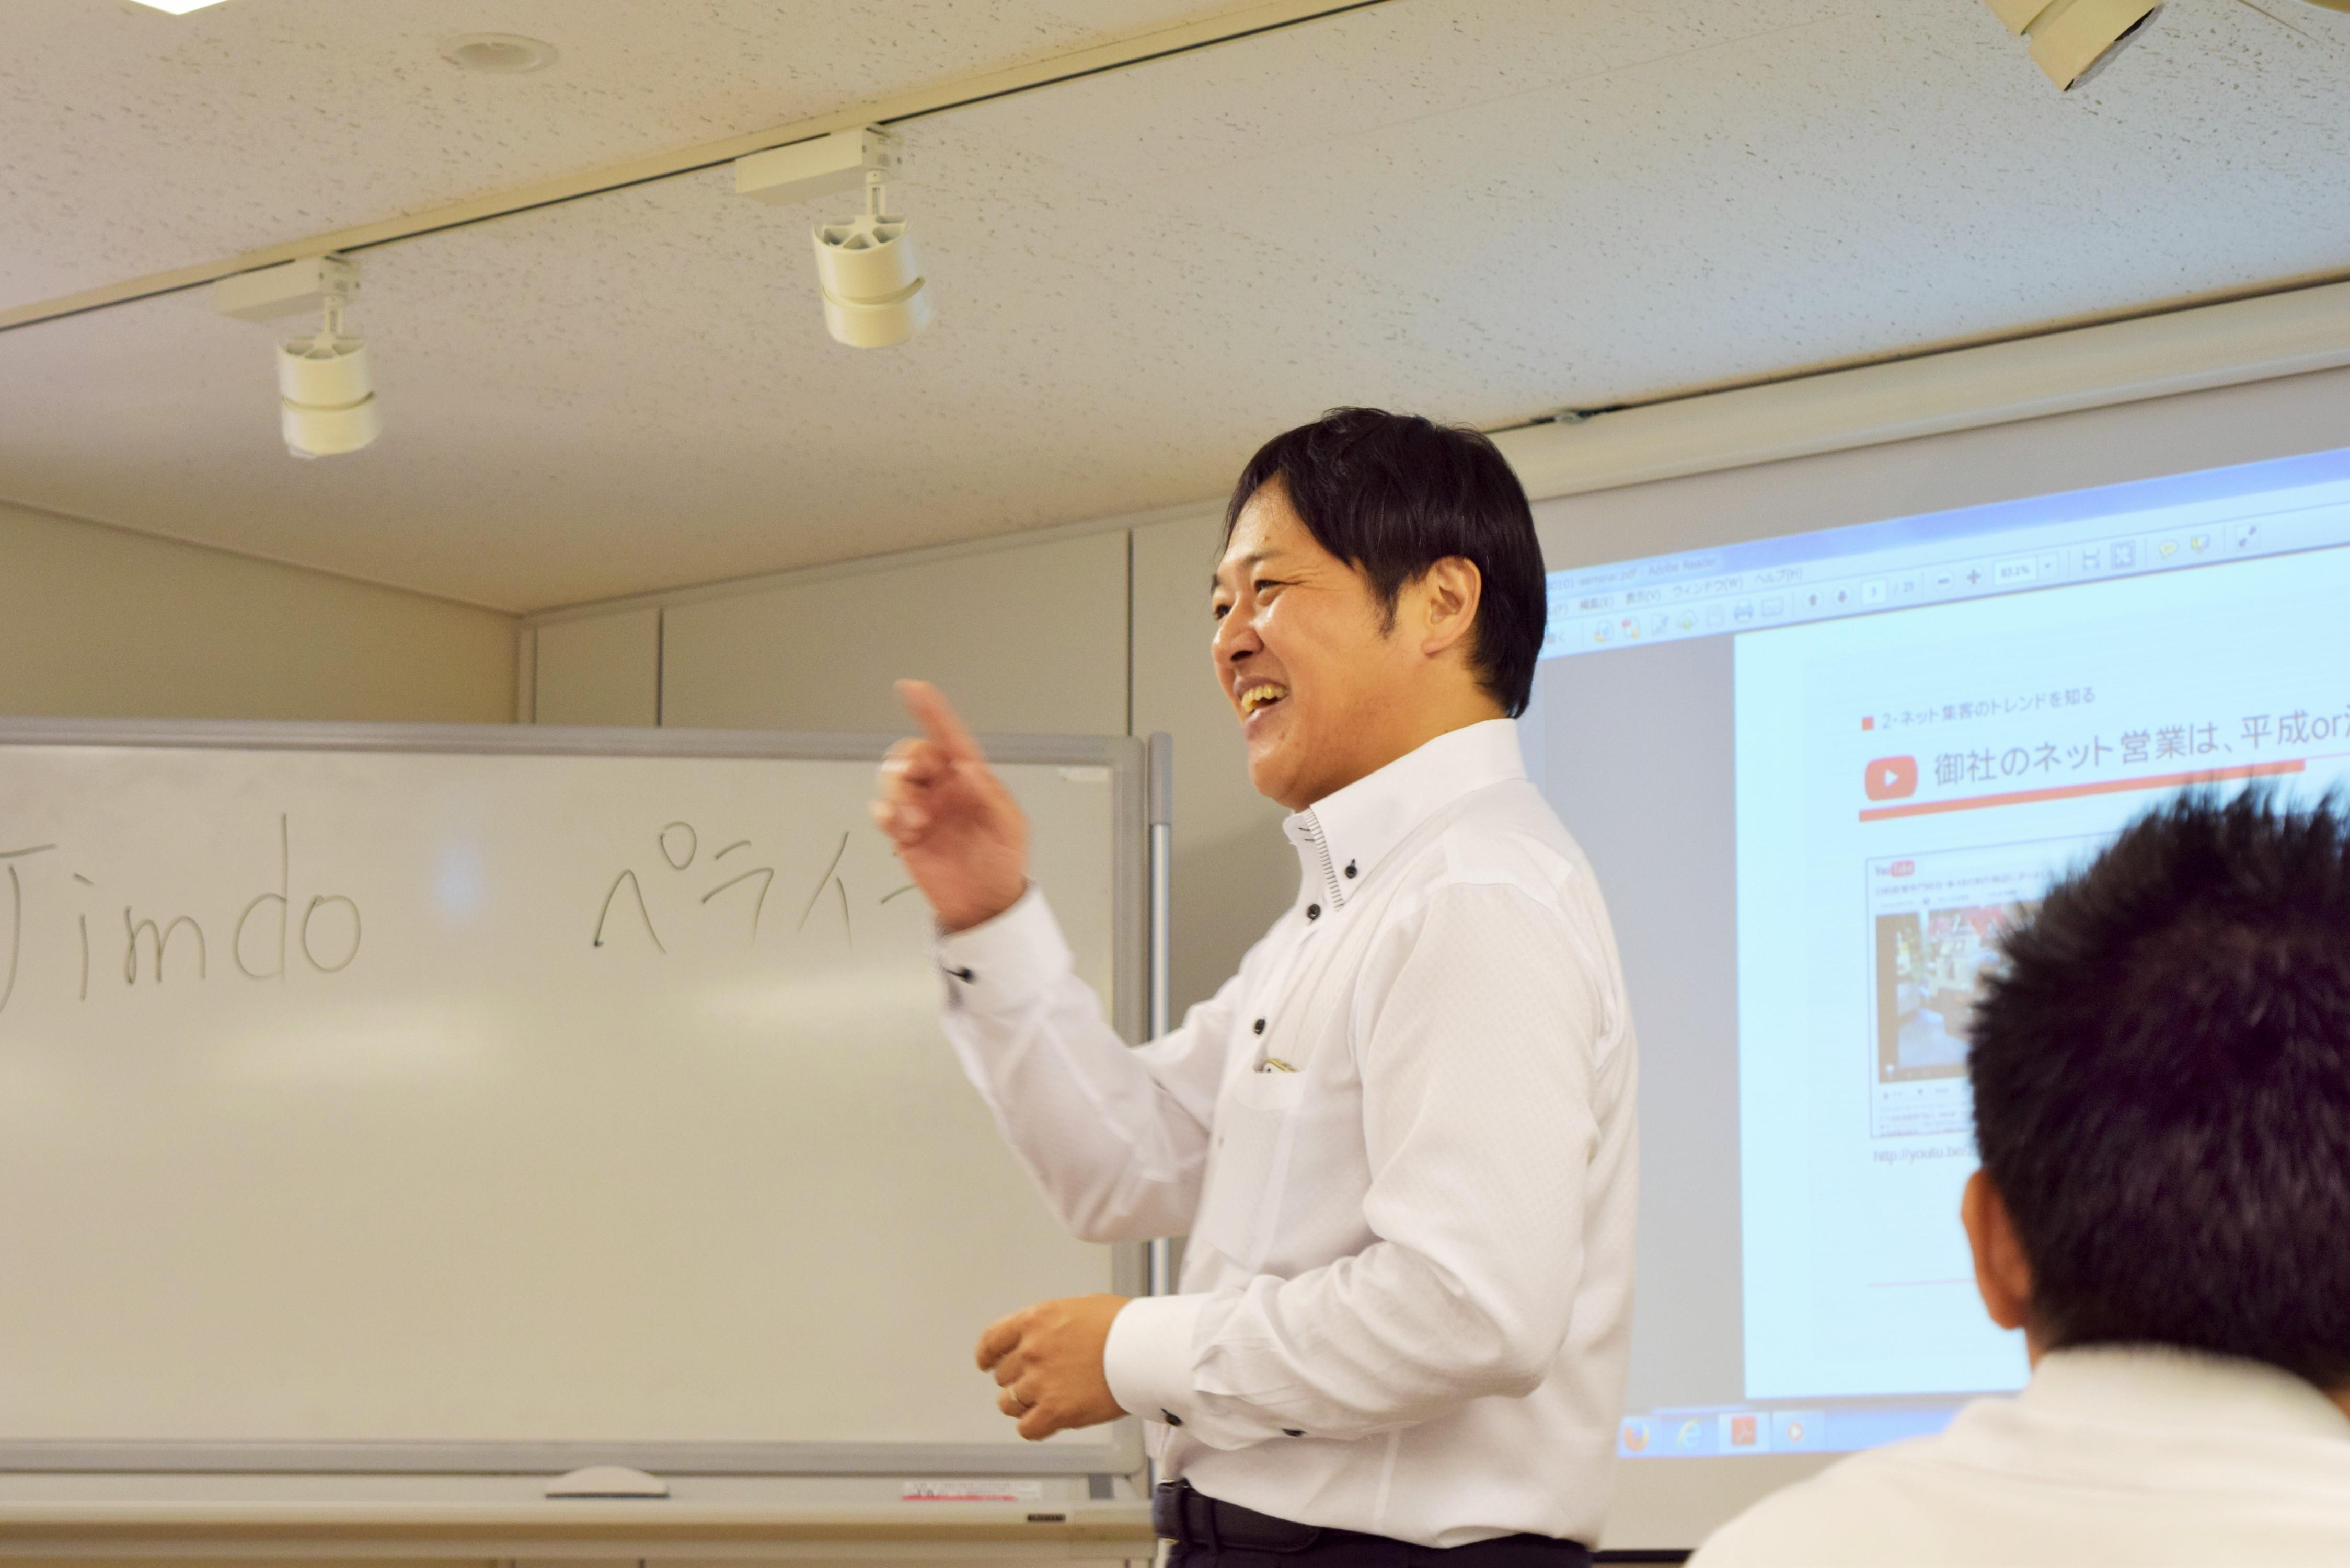 菅谷信一 YouTubeセミナー